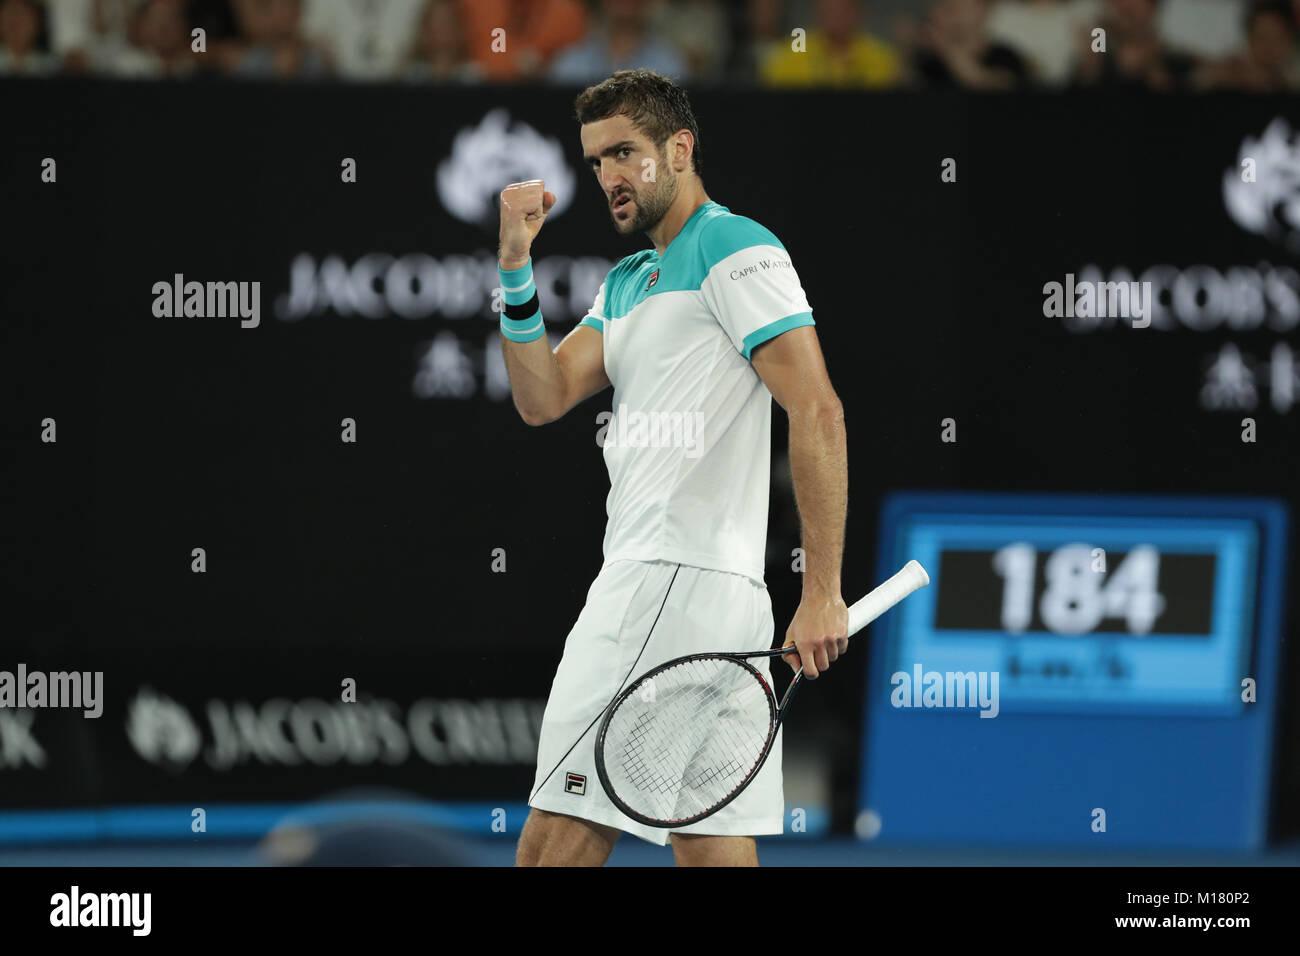 Melbourne, Australien. 28. Januar 2018. Bosniakische tennis player Marin Cilic ist in Aktion während seiner Finale Stockfoto